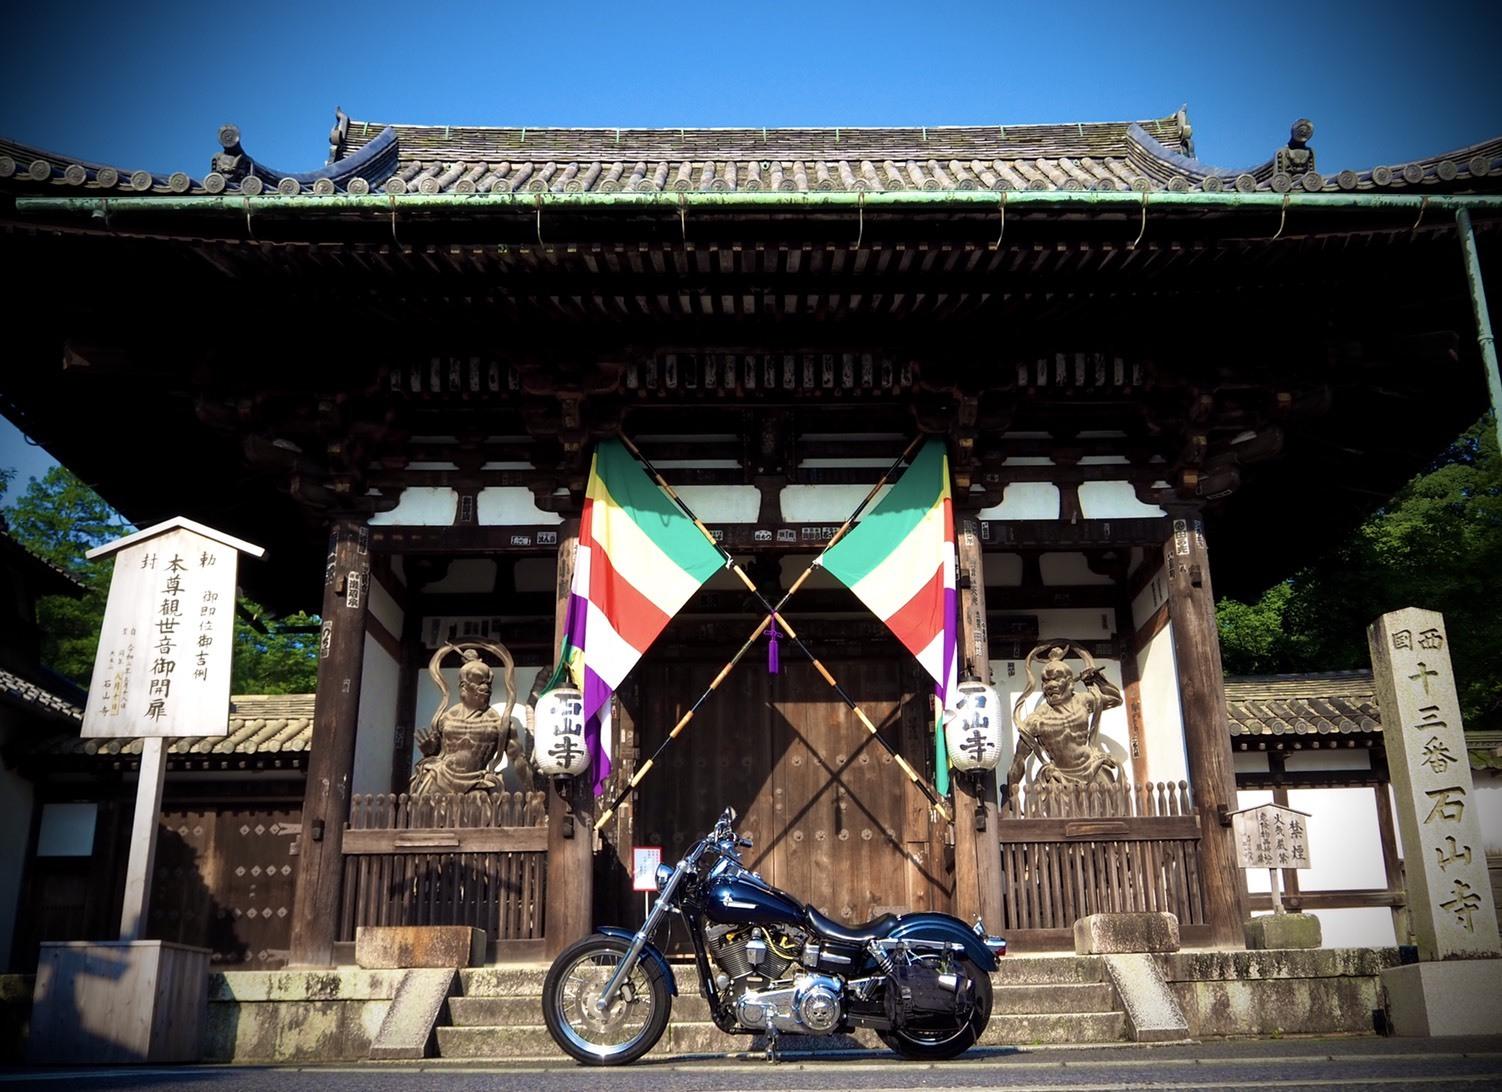 ぴーきちハーレーブログ ビワイチ ヨゴイチツーリング 石山寺